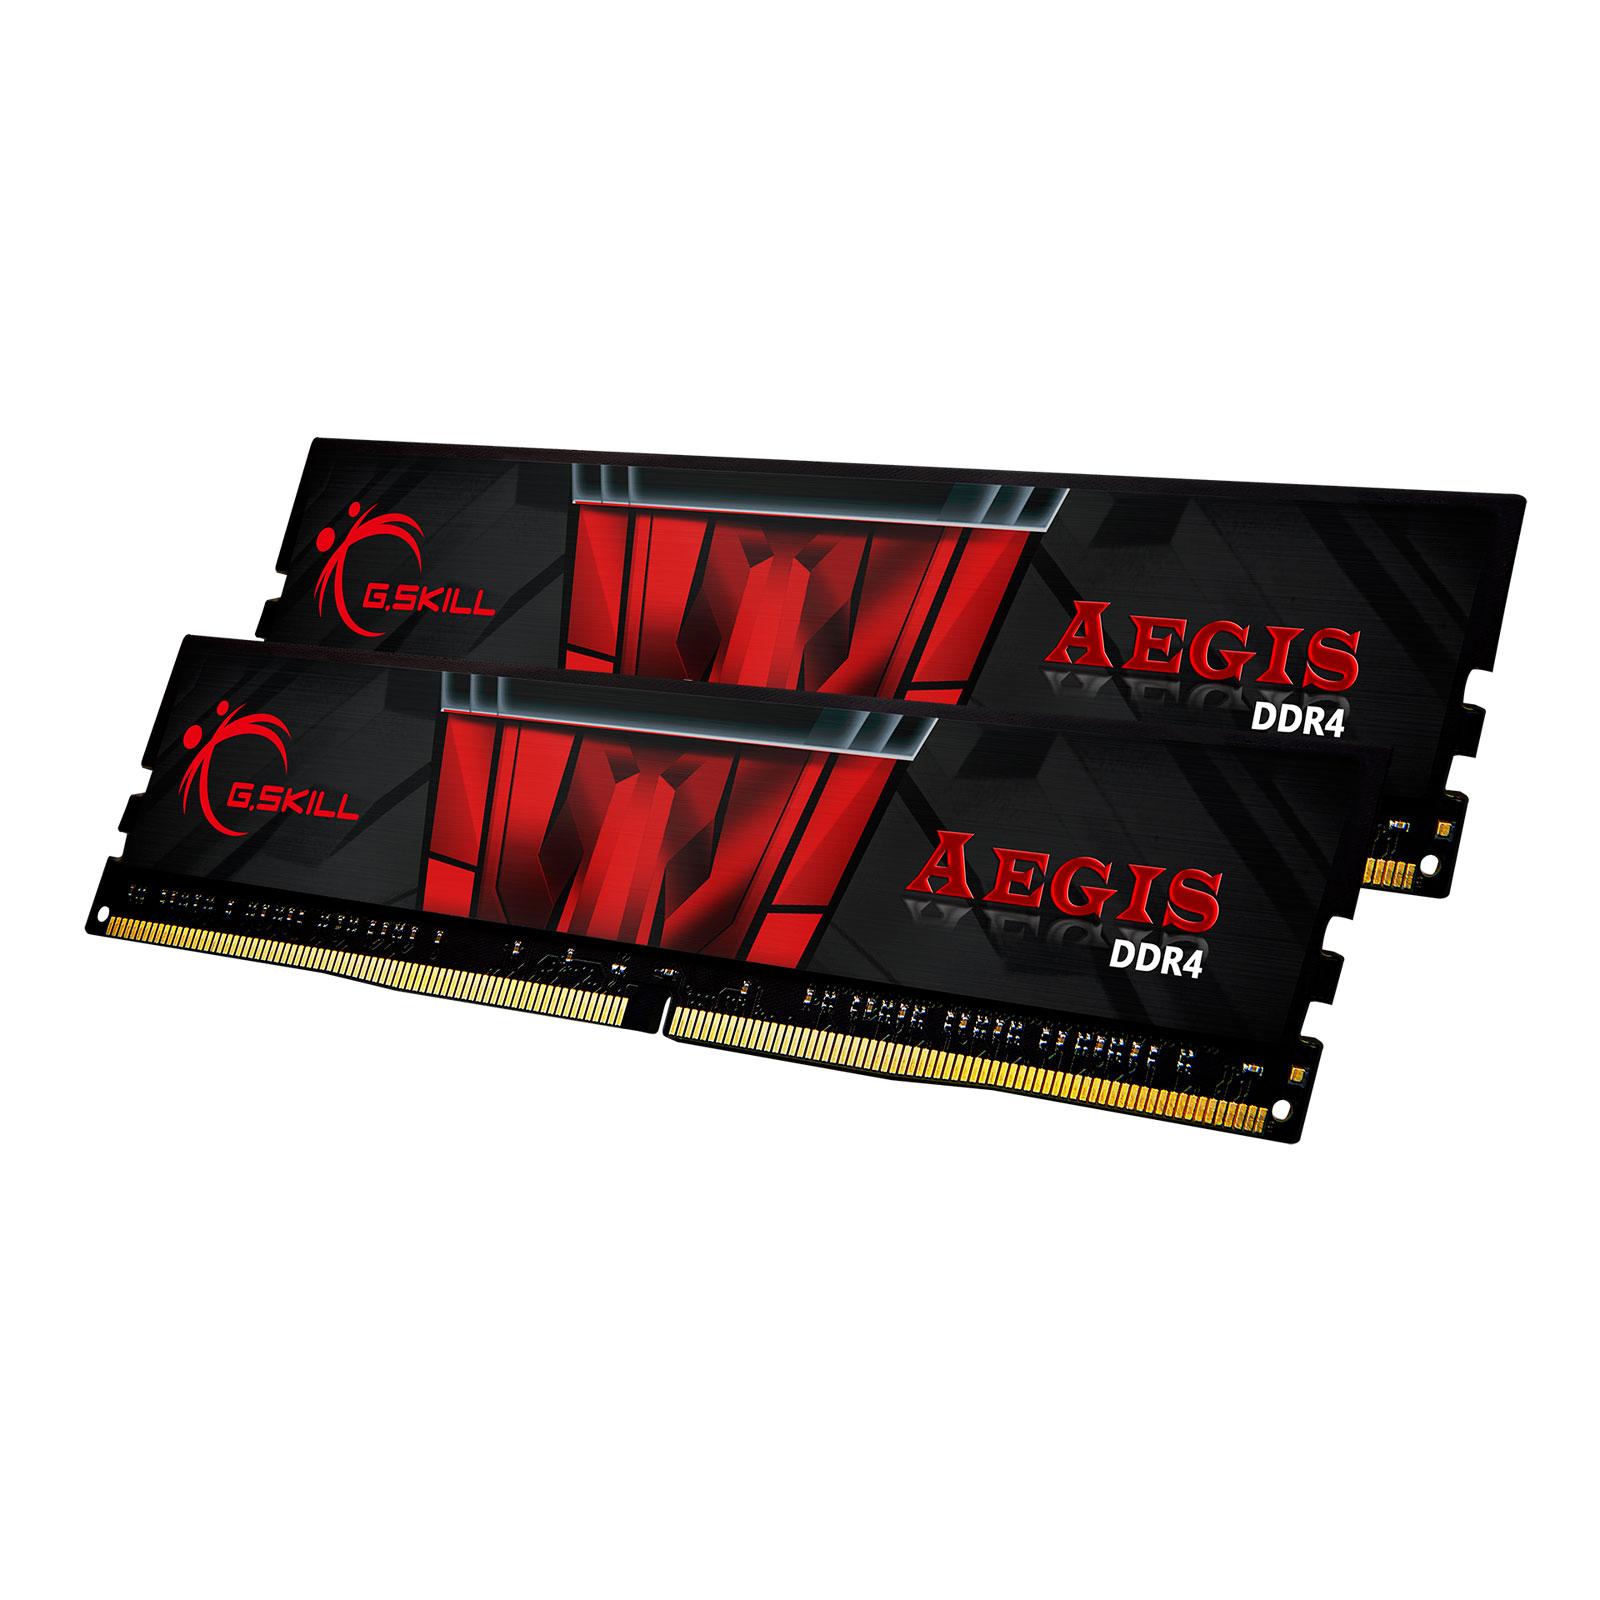 Mémoire PC G.Skill Aegis 16 Go (2 x 8 Go) DDR4 3000 MHz CL16 Kit Dual Channel 2 barrettes de RAM DDR4 PC4-24000 - F4-3000C16D-16GISB